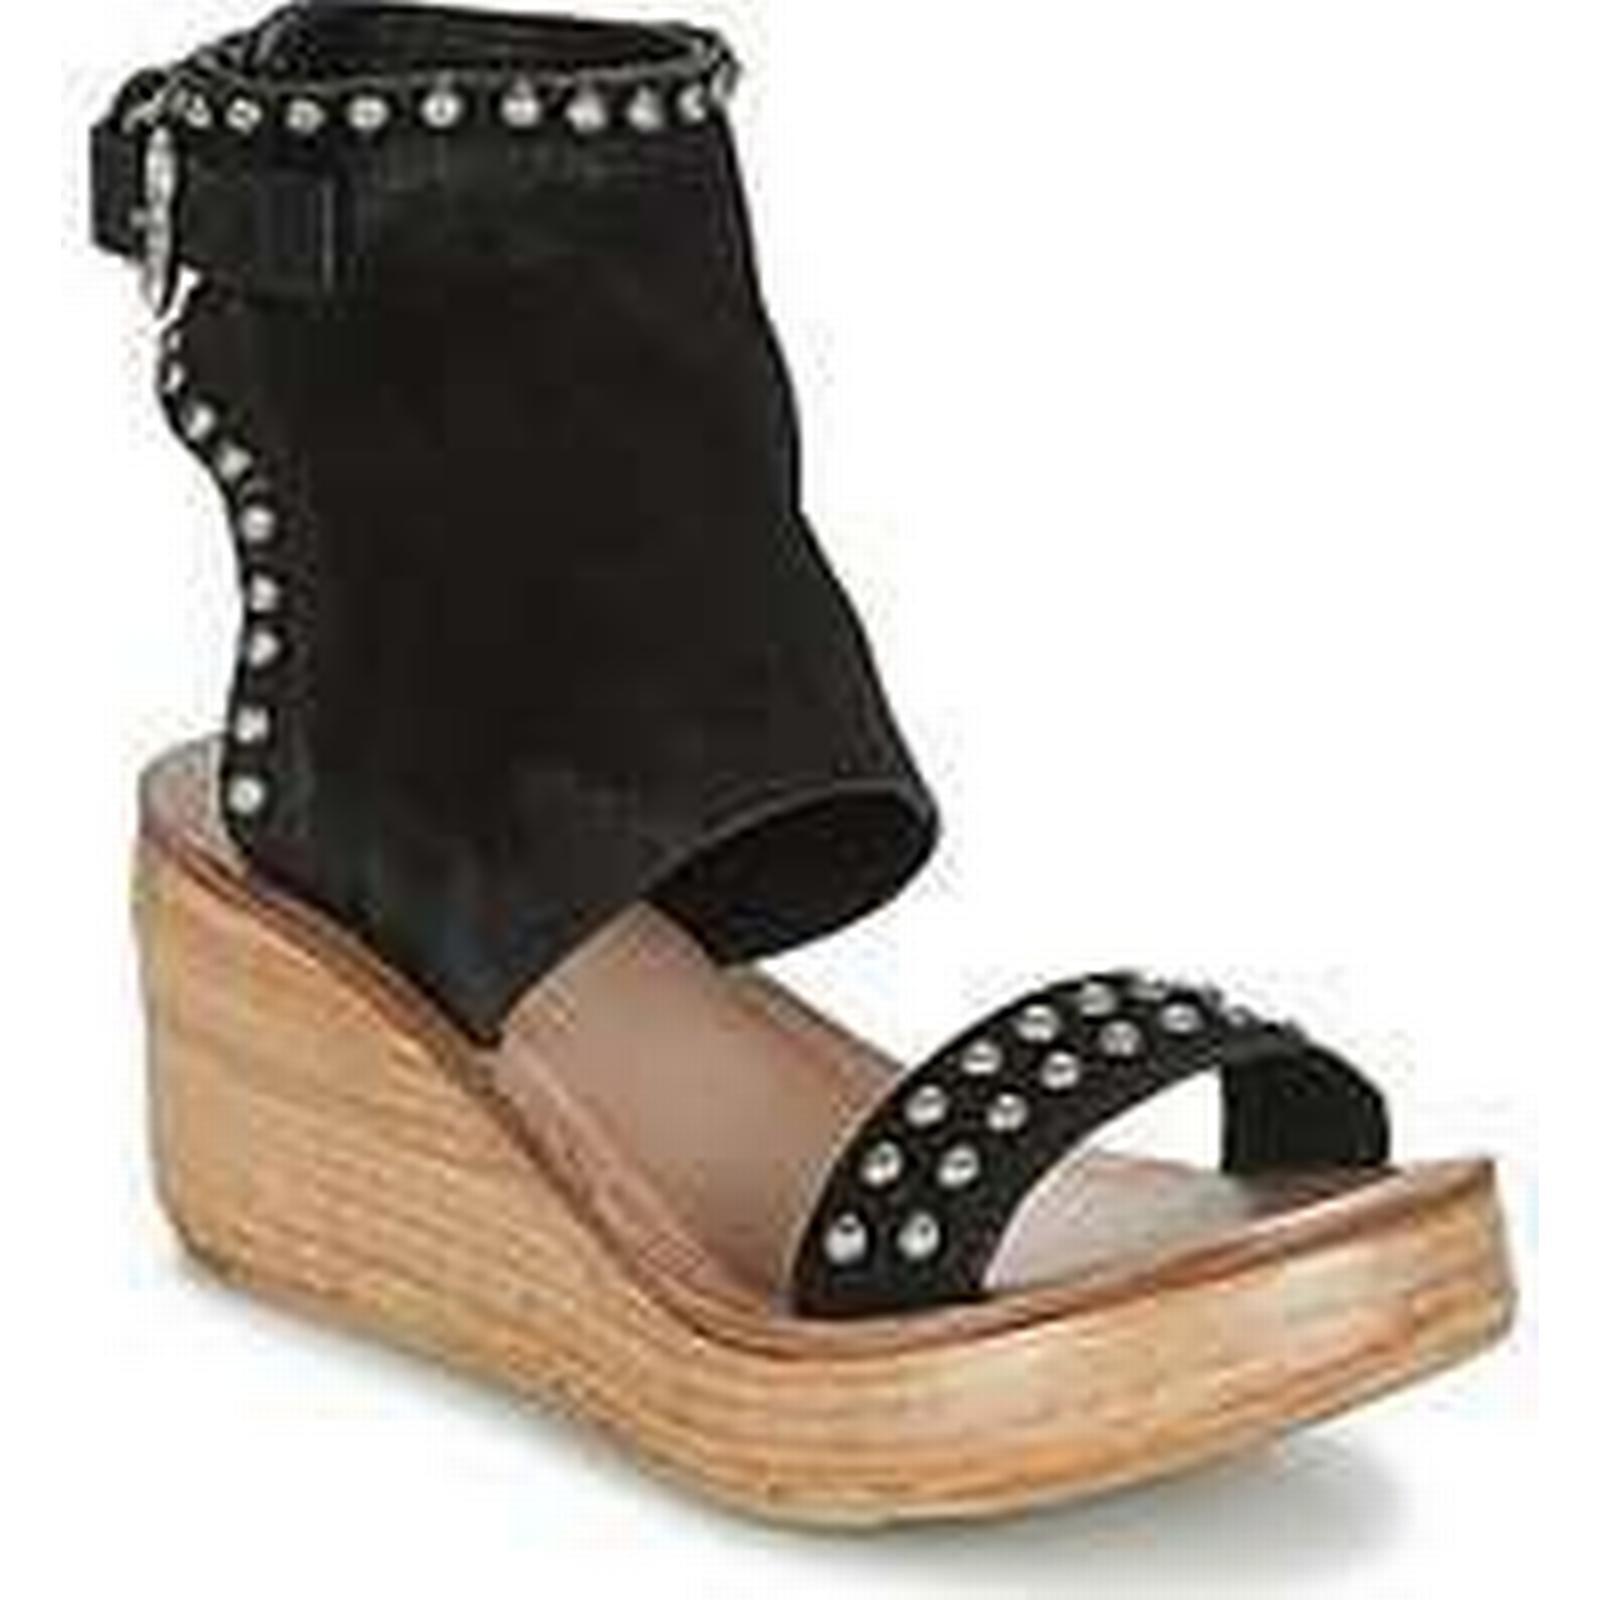 spartoo.co.uk spartoo.co.uk spartoo.co.uk airstep / a.s. noa femmes & #  ; s les sandales en noir dd3dec